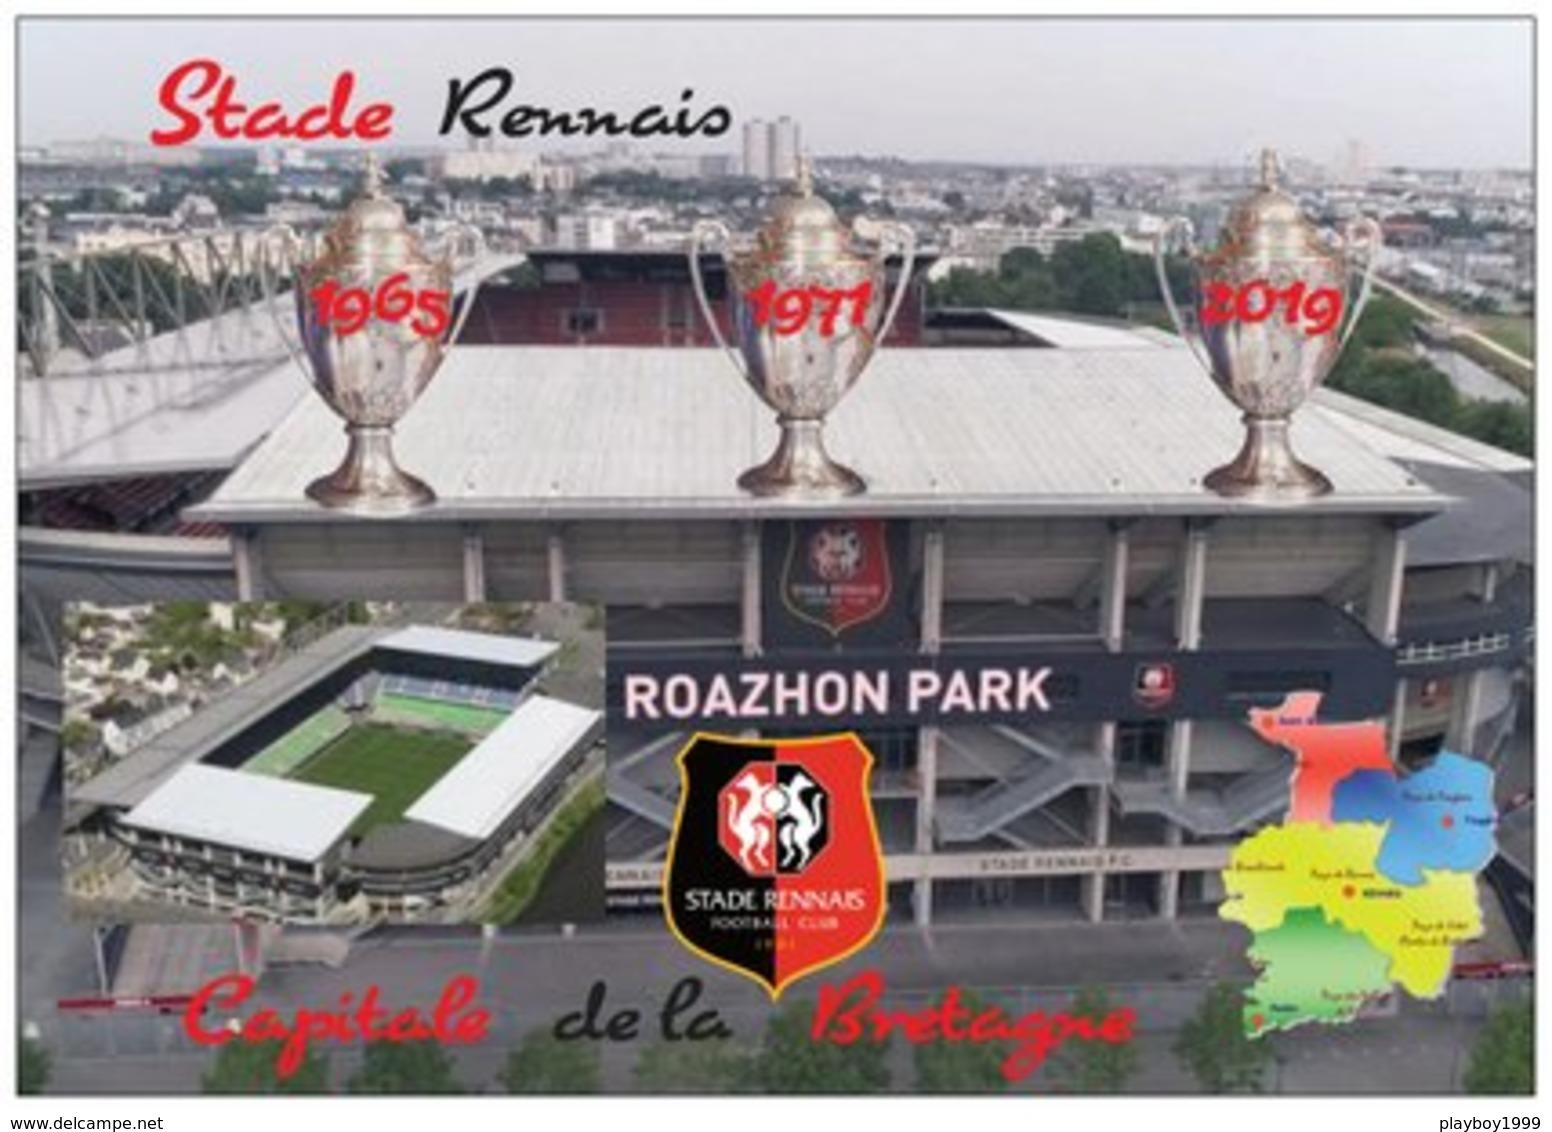 Football - Le Roazhon Park - Stade Rennais - Les 3 Coupes De France -  La Carte Du Département De L'ille Et Vilaine - - Fútbol